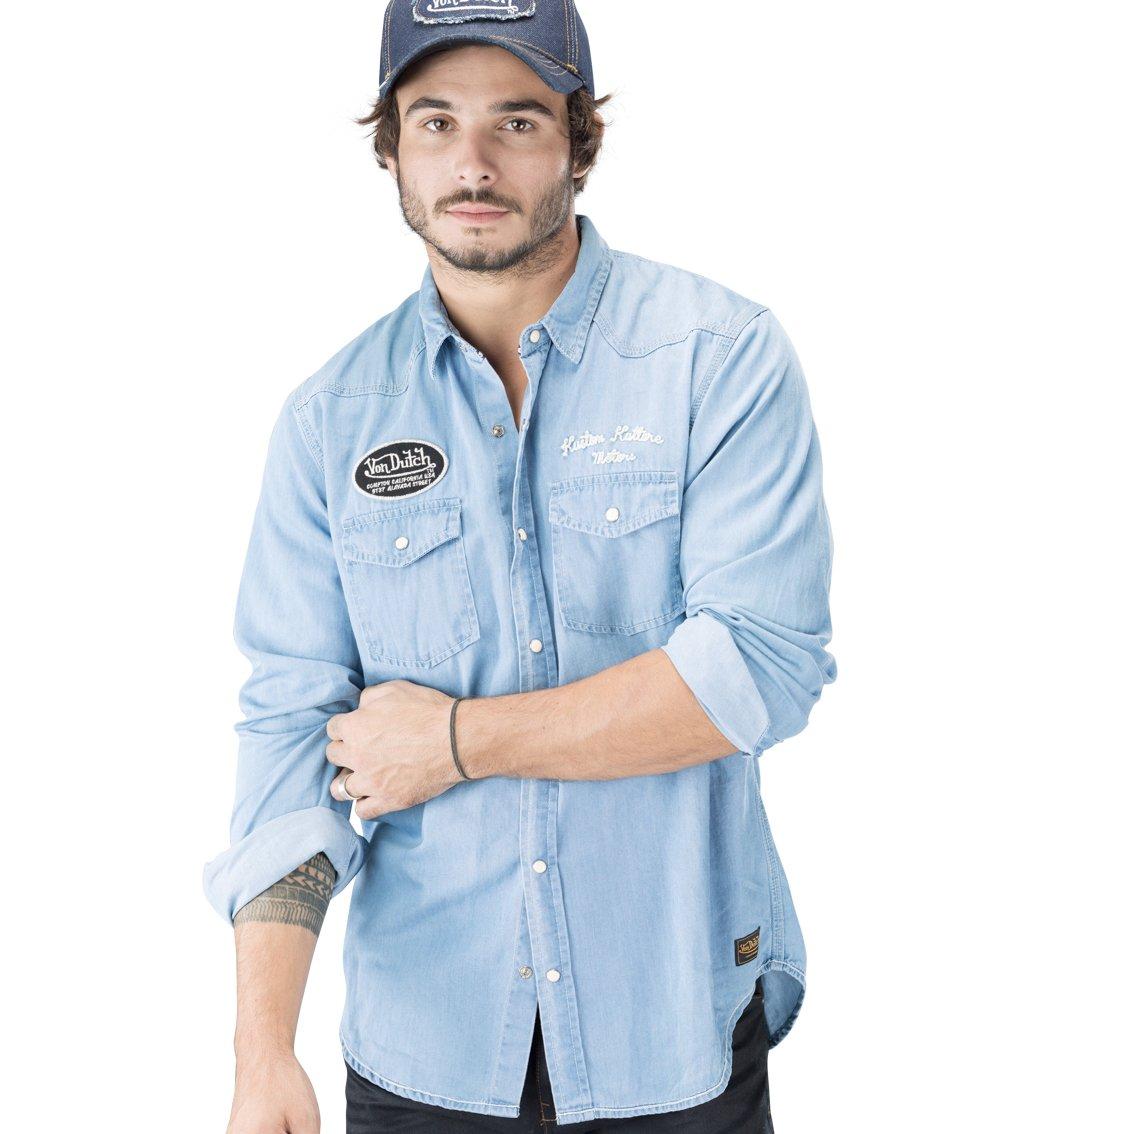 e403905c2b0ec Von Dutch Vondutch - Chemise Homme Brad Bleu  Amazon.fr  Vêtements et  accessoires